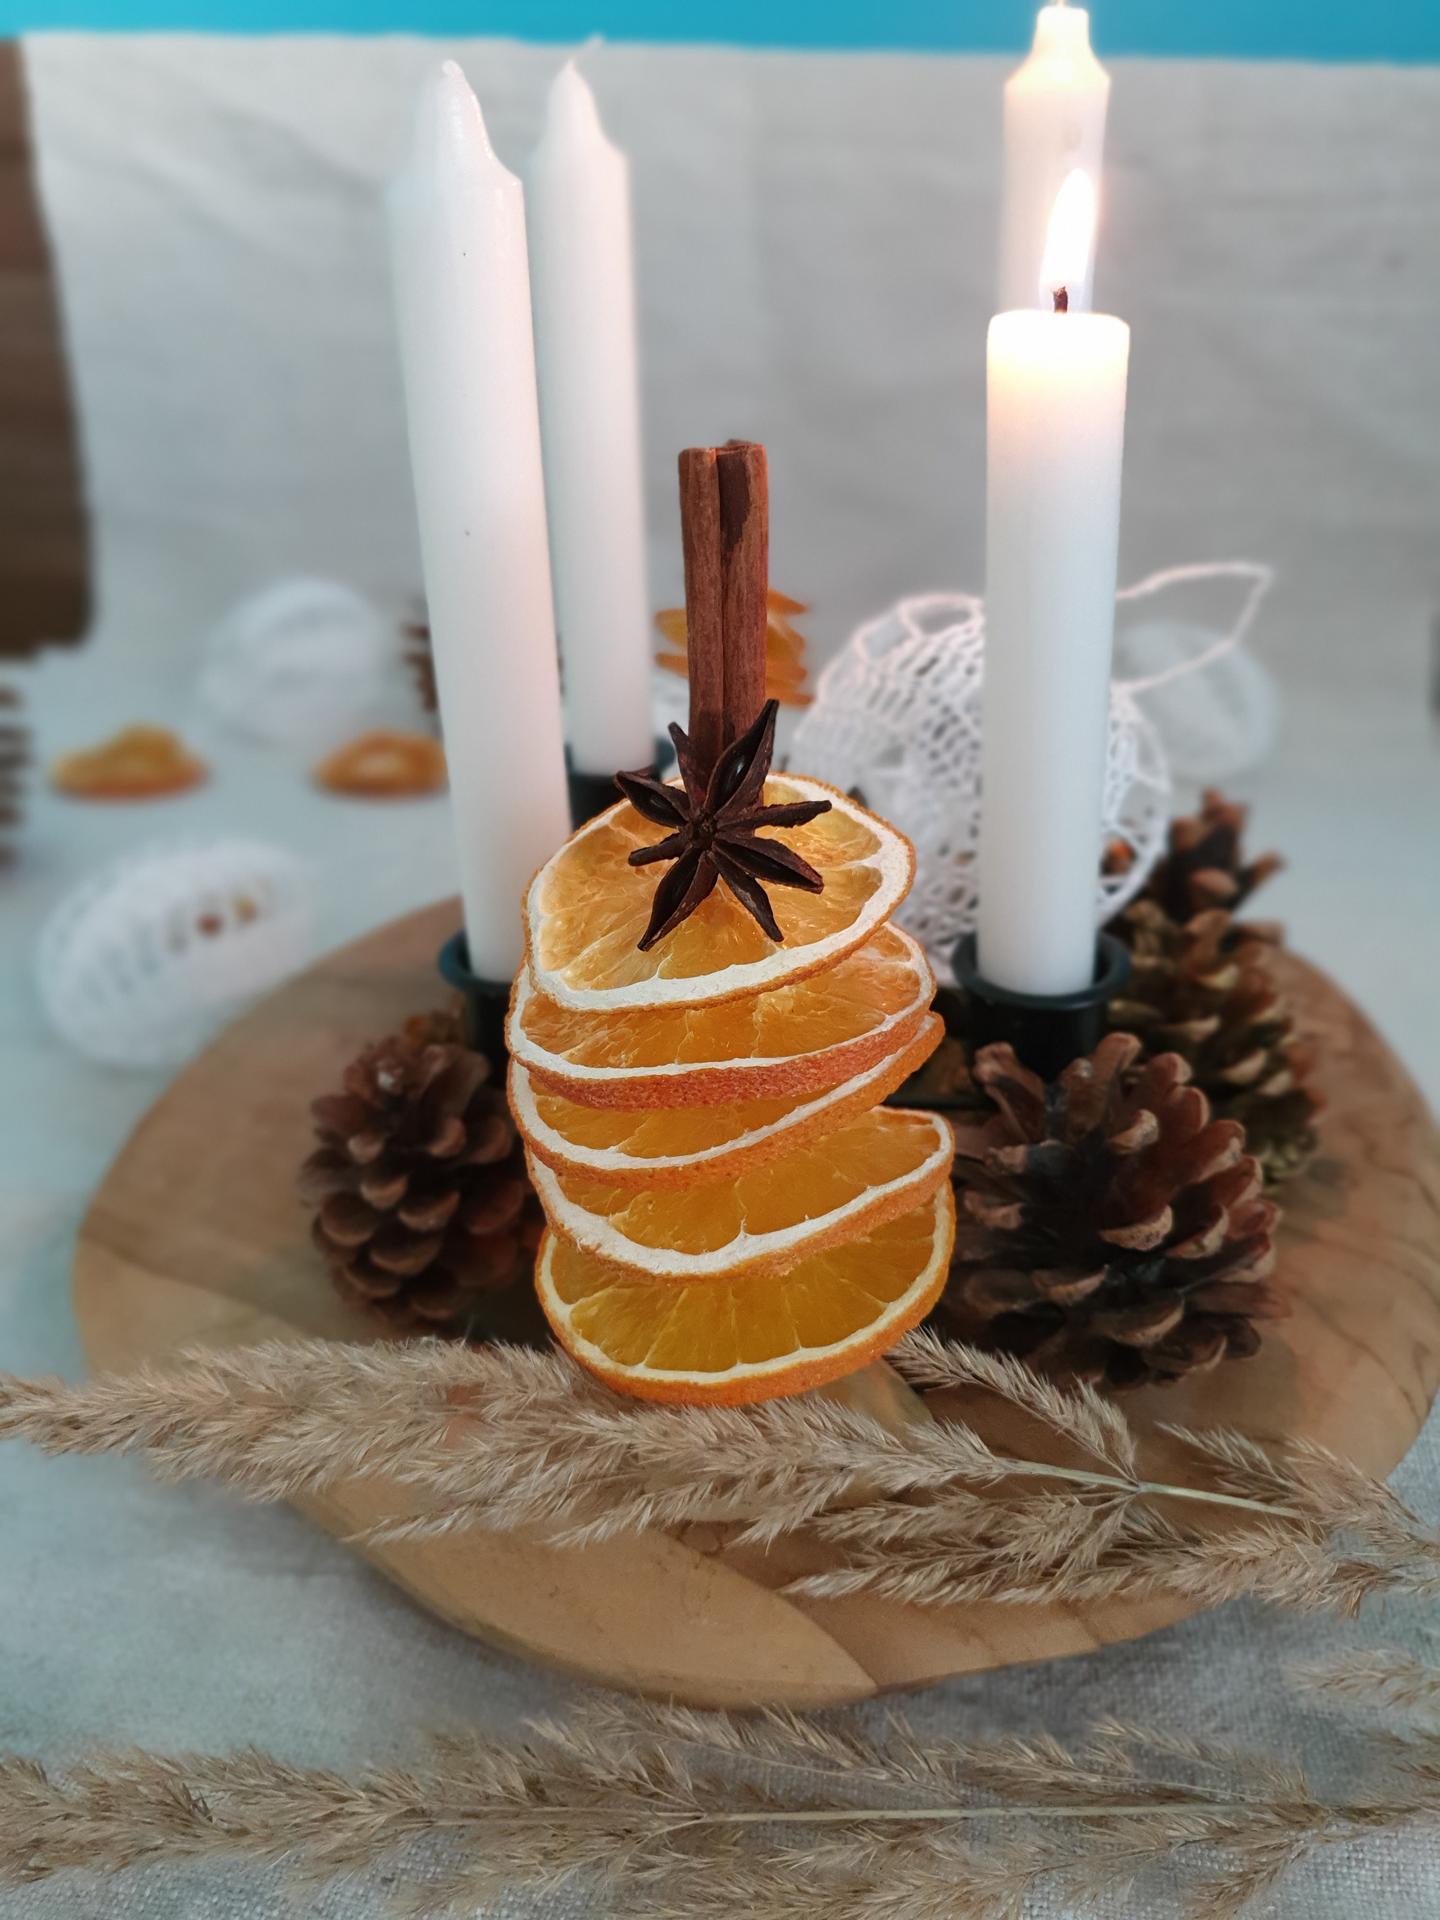 Vianočné dekorácie/Vianočná inšpirácia - Obrázok č. 9